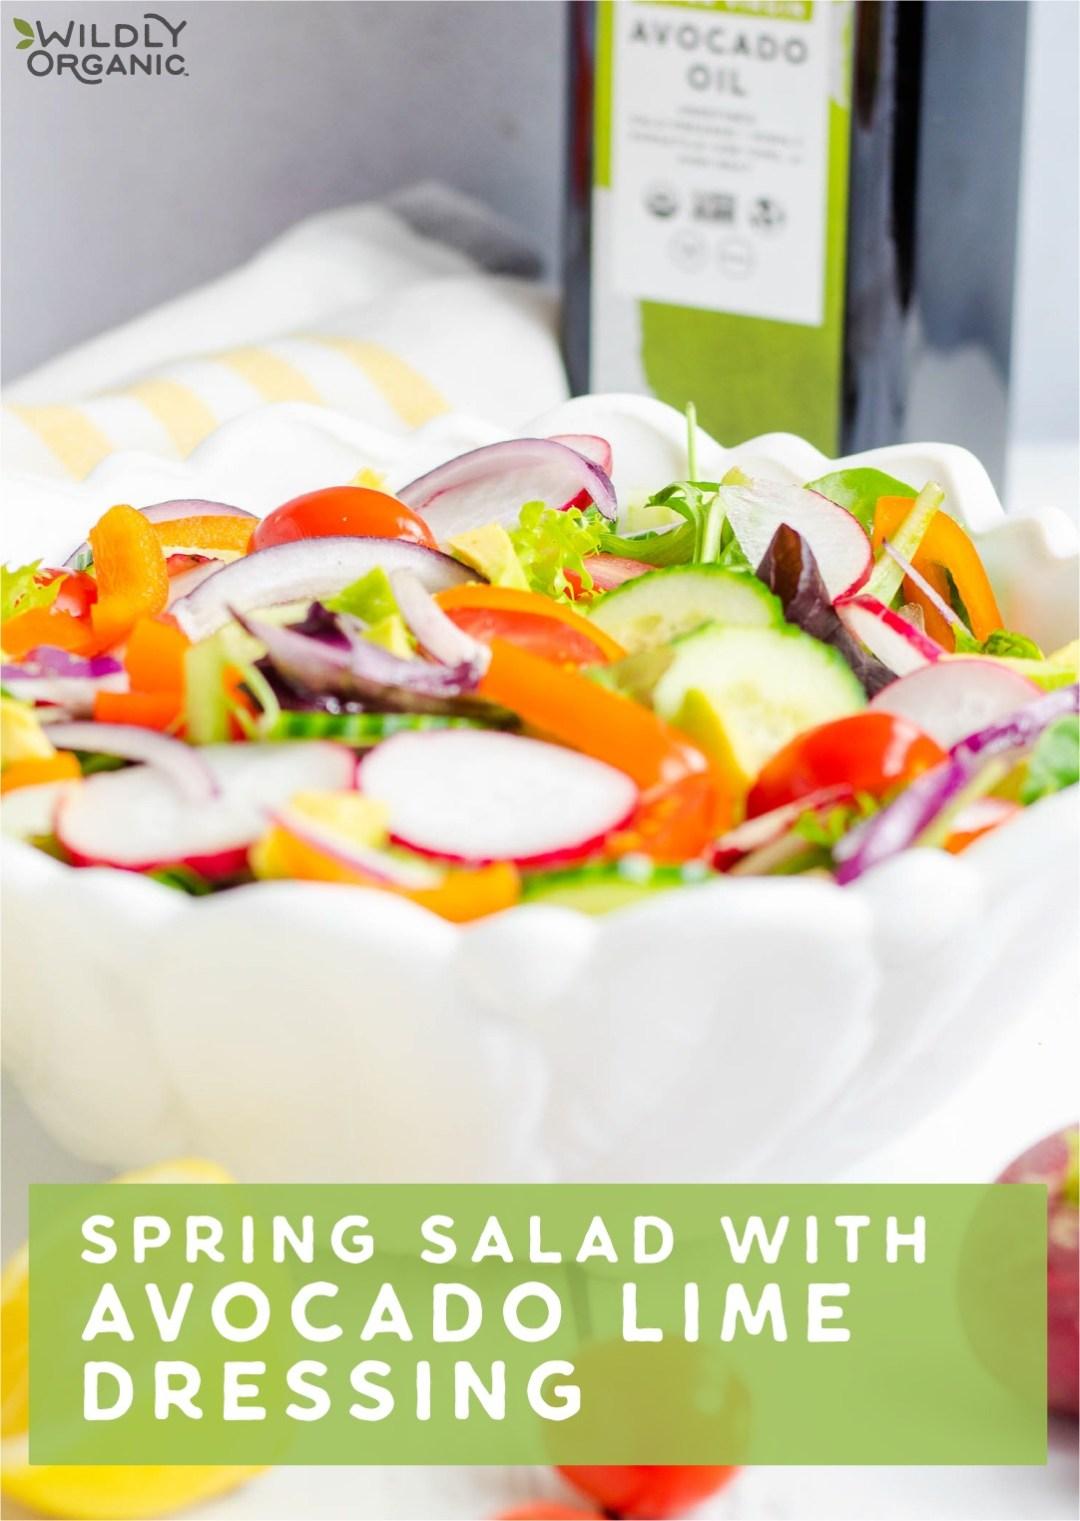 Spring Salad with Avocado Dressing